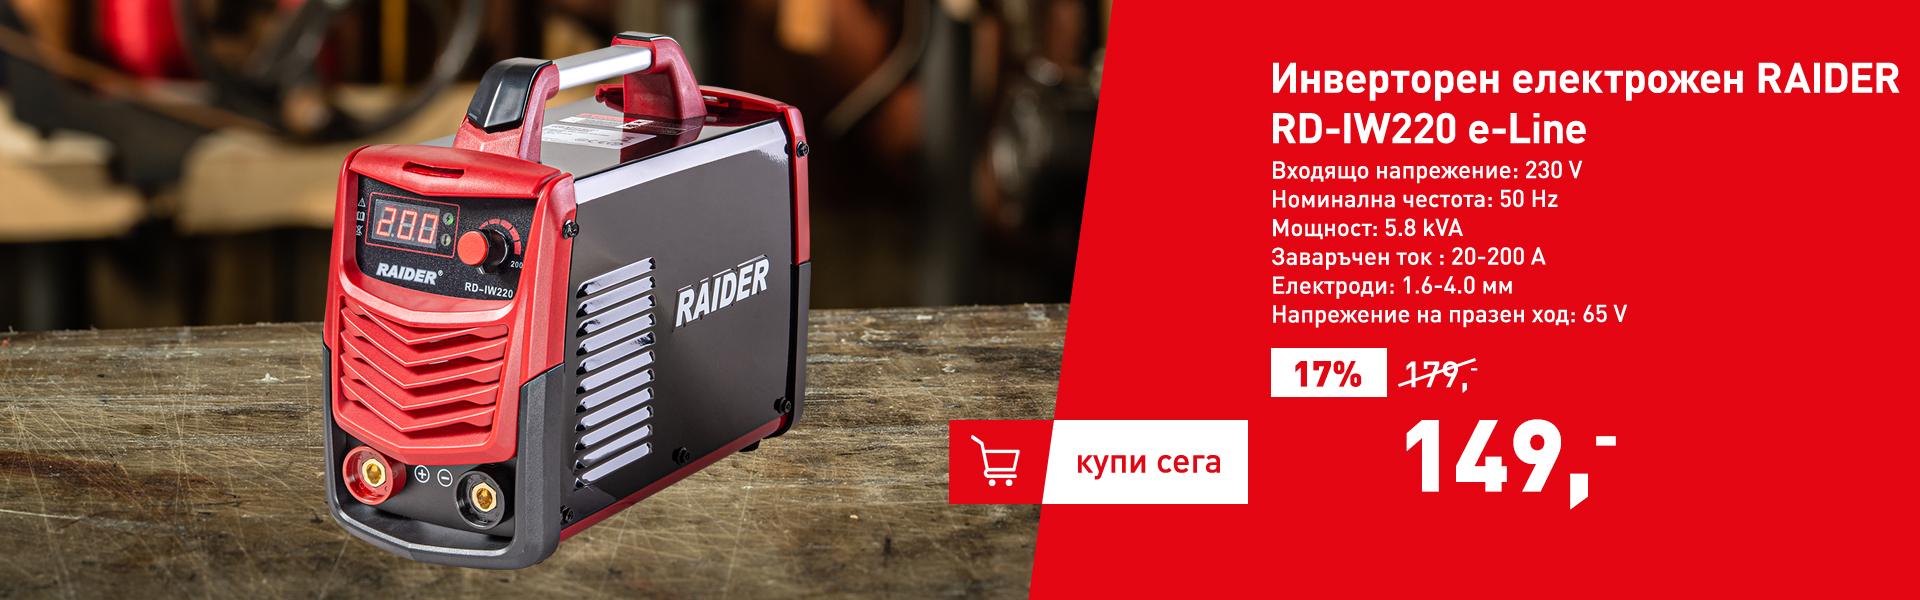 Eлектрожен RAIDER